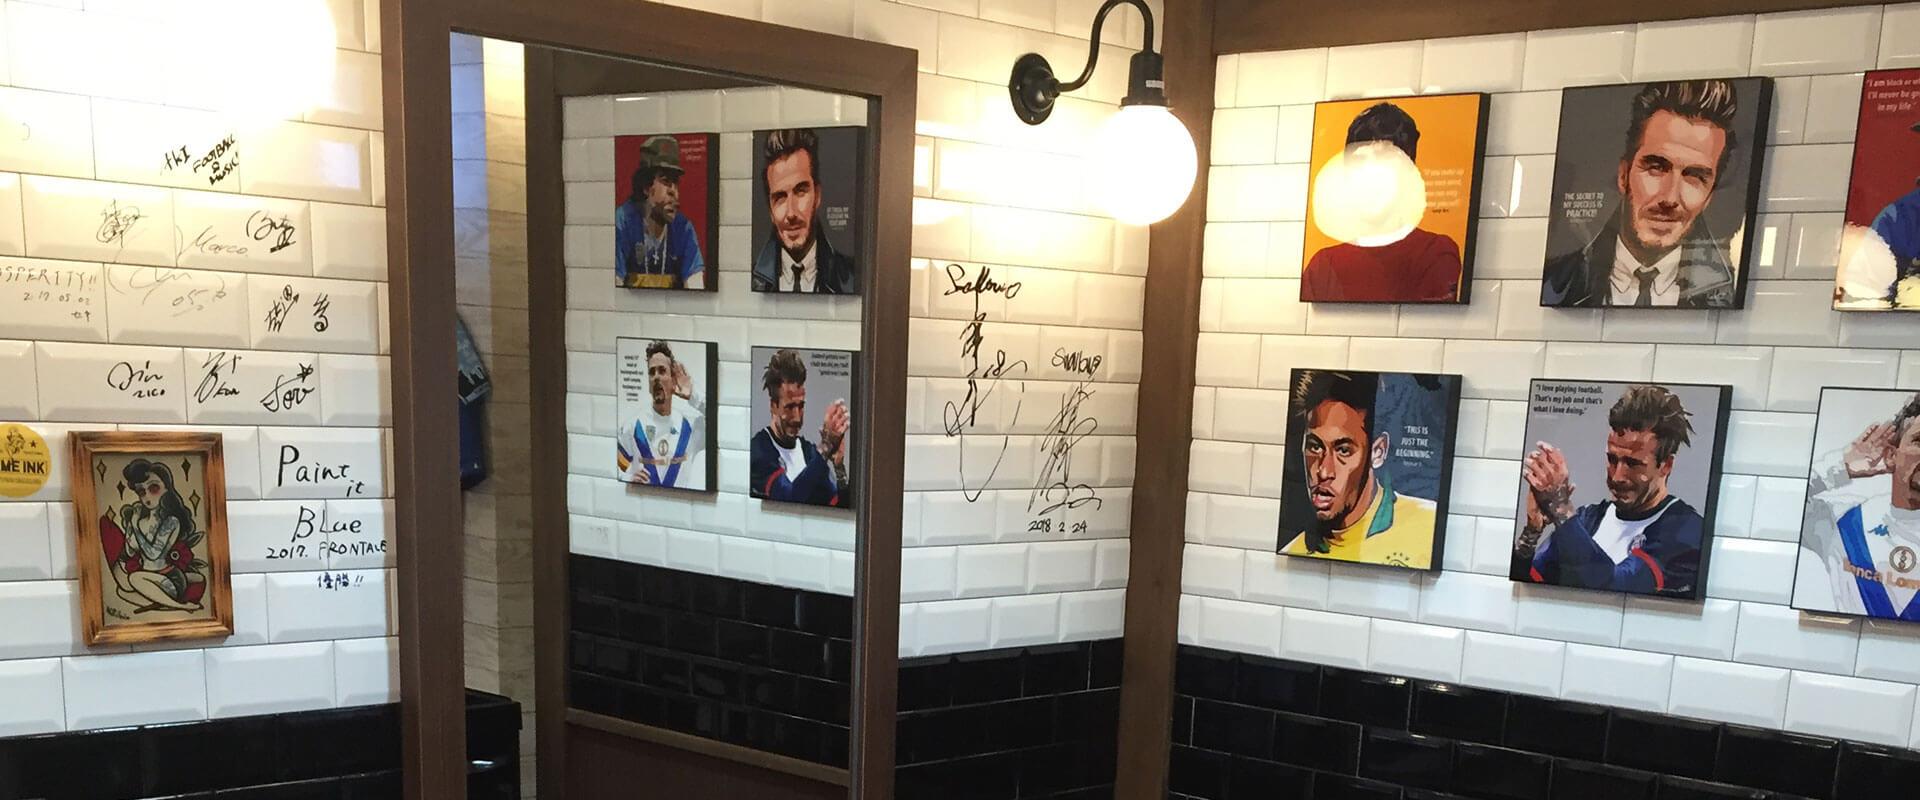 北浦和の美容院(美容室)robii コンセプト「スマート」×「トレンド」×「リクエスト」を取り入れたメンズスタイルを提案! イメージ